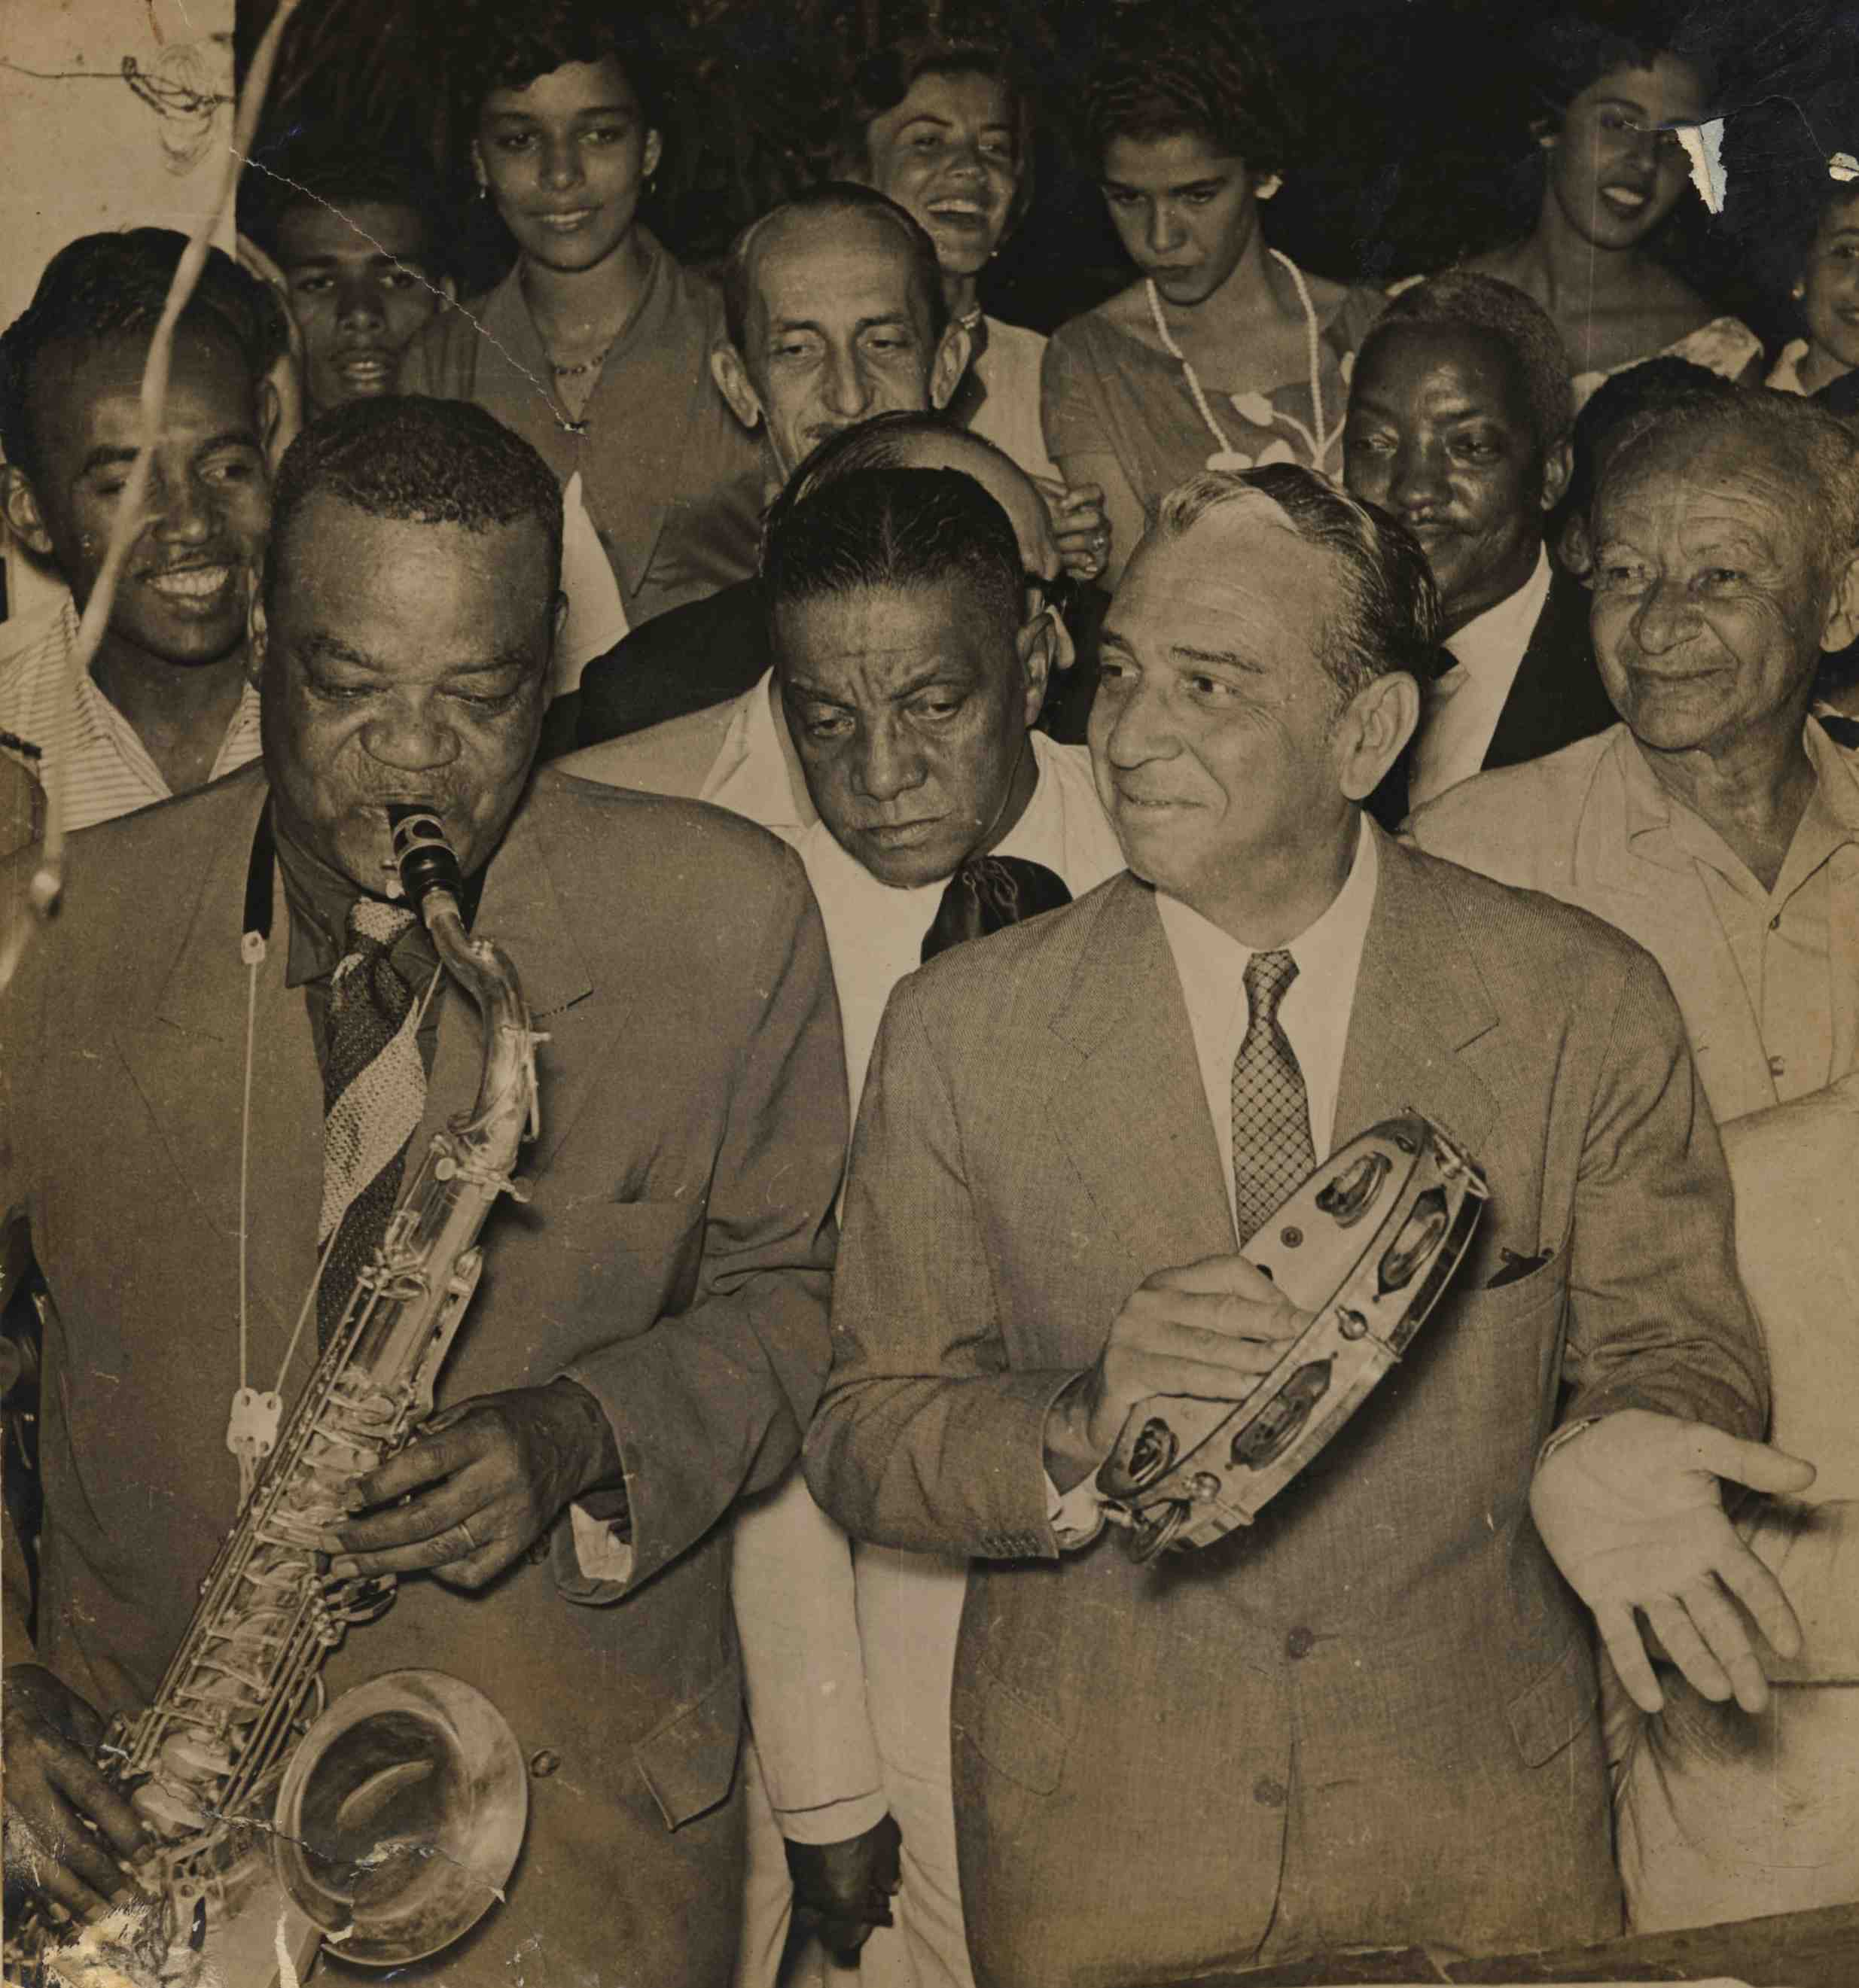 Em primeiro plano: Pixinguinha, João da Bahiana e o prefeito do Rio de Janeiro, Negrão de Lima, na inauguração da Rua Pixinguinha em Ramos. 30/05/1956 (IMS_PIX_A01F53P13 / Acervo Pixinguinha / IMS)